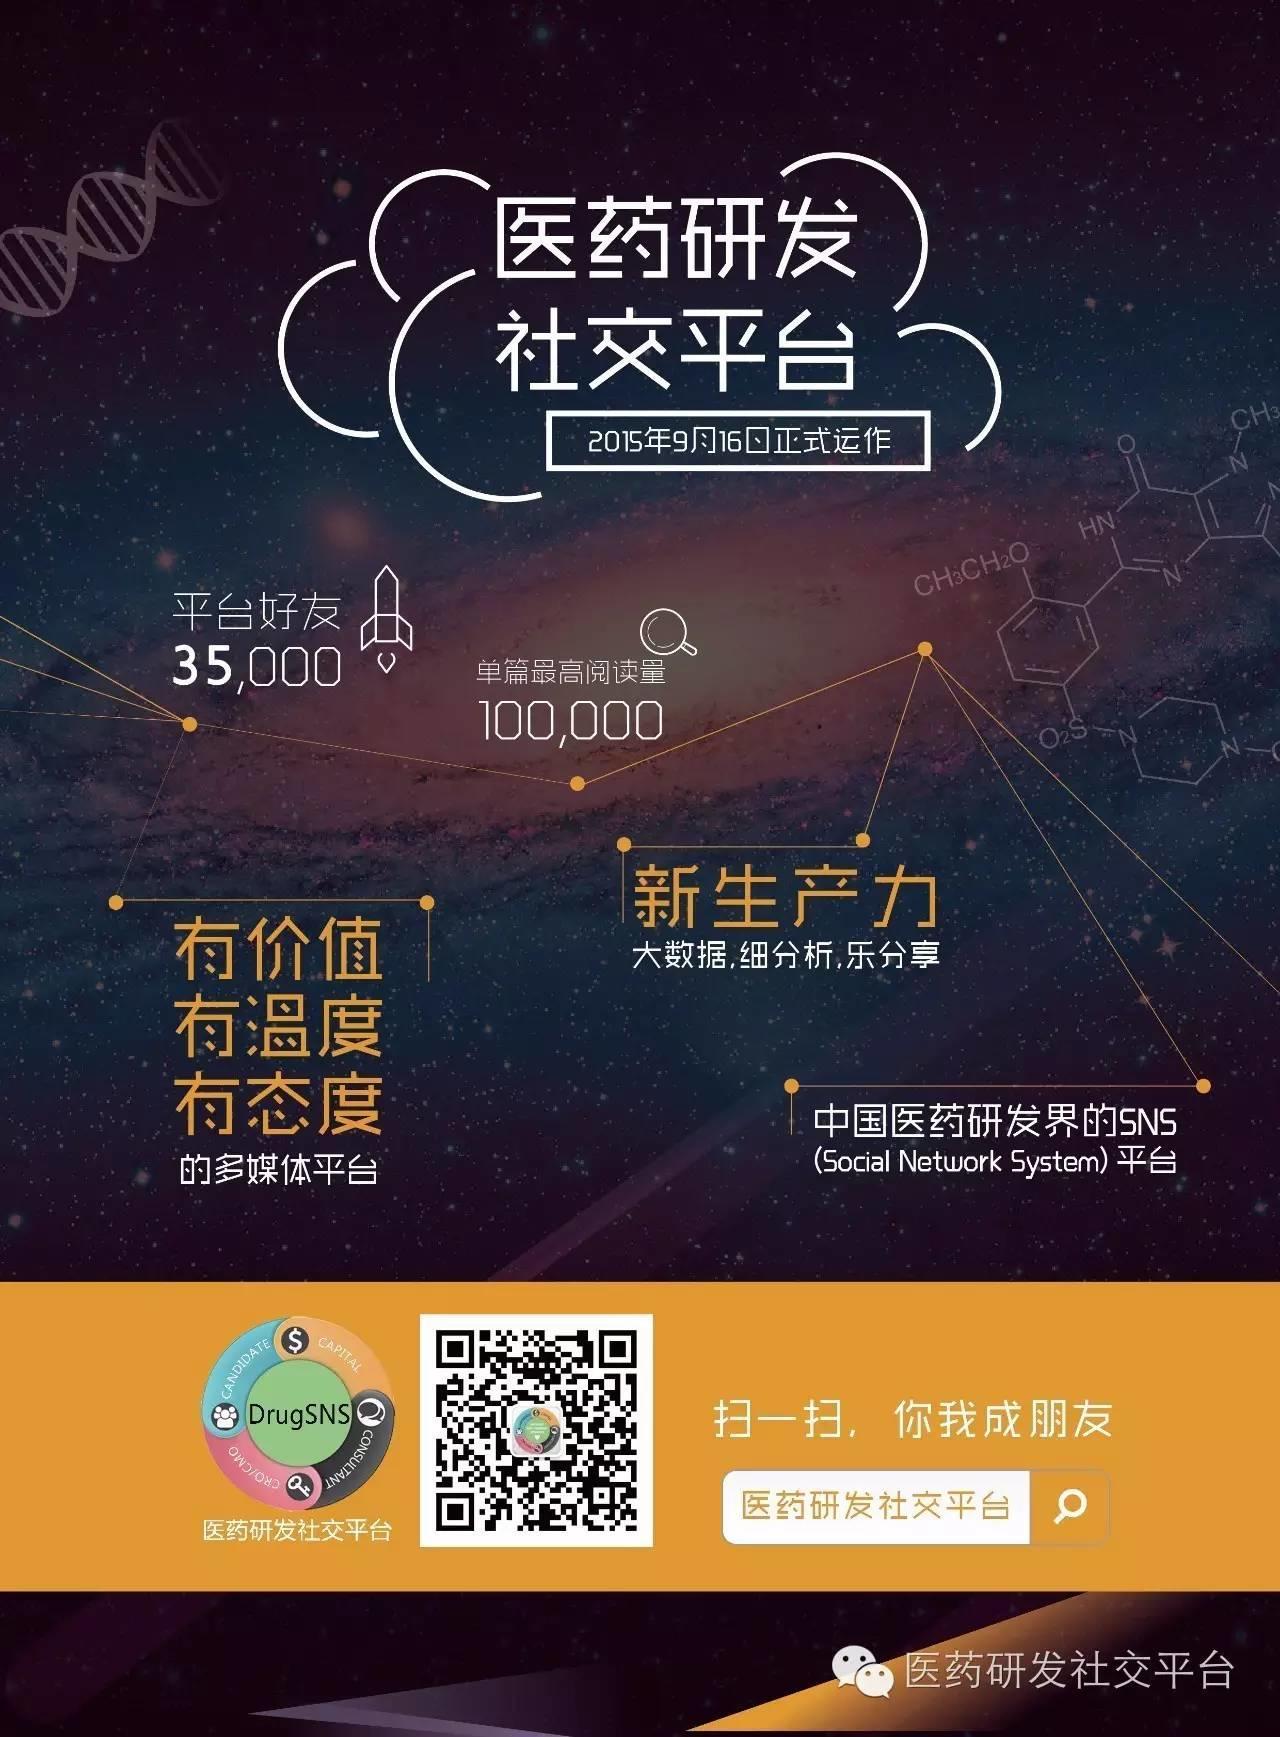 【重磅!】默沙东抗PD-1肿瘤免疫治疗药物Keytruda(Pembrolizumab,MK-3475)在中国的临床试验最新进展